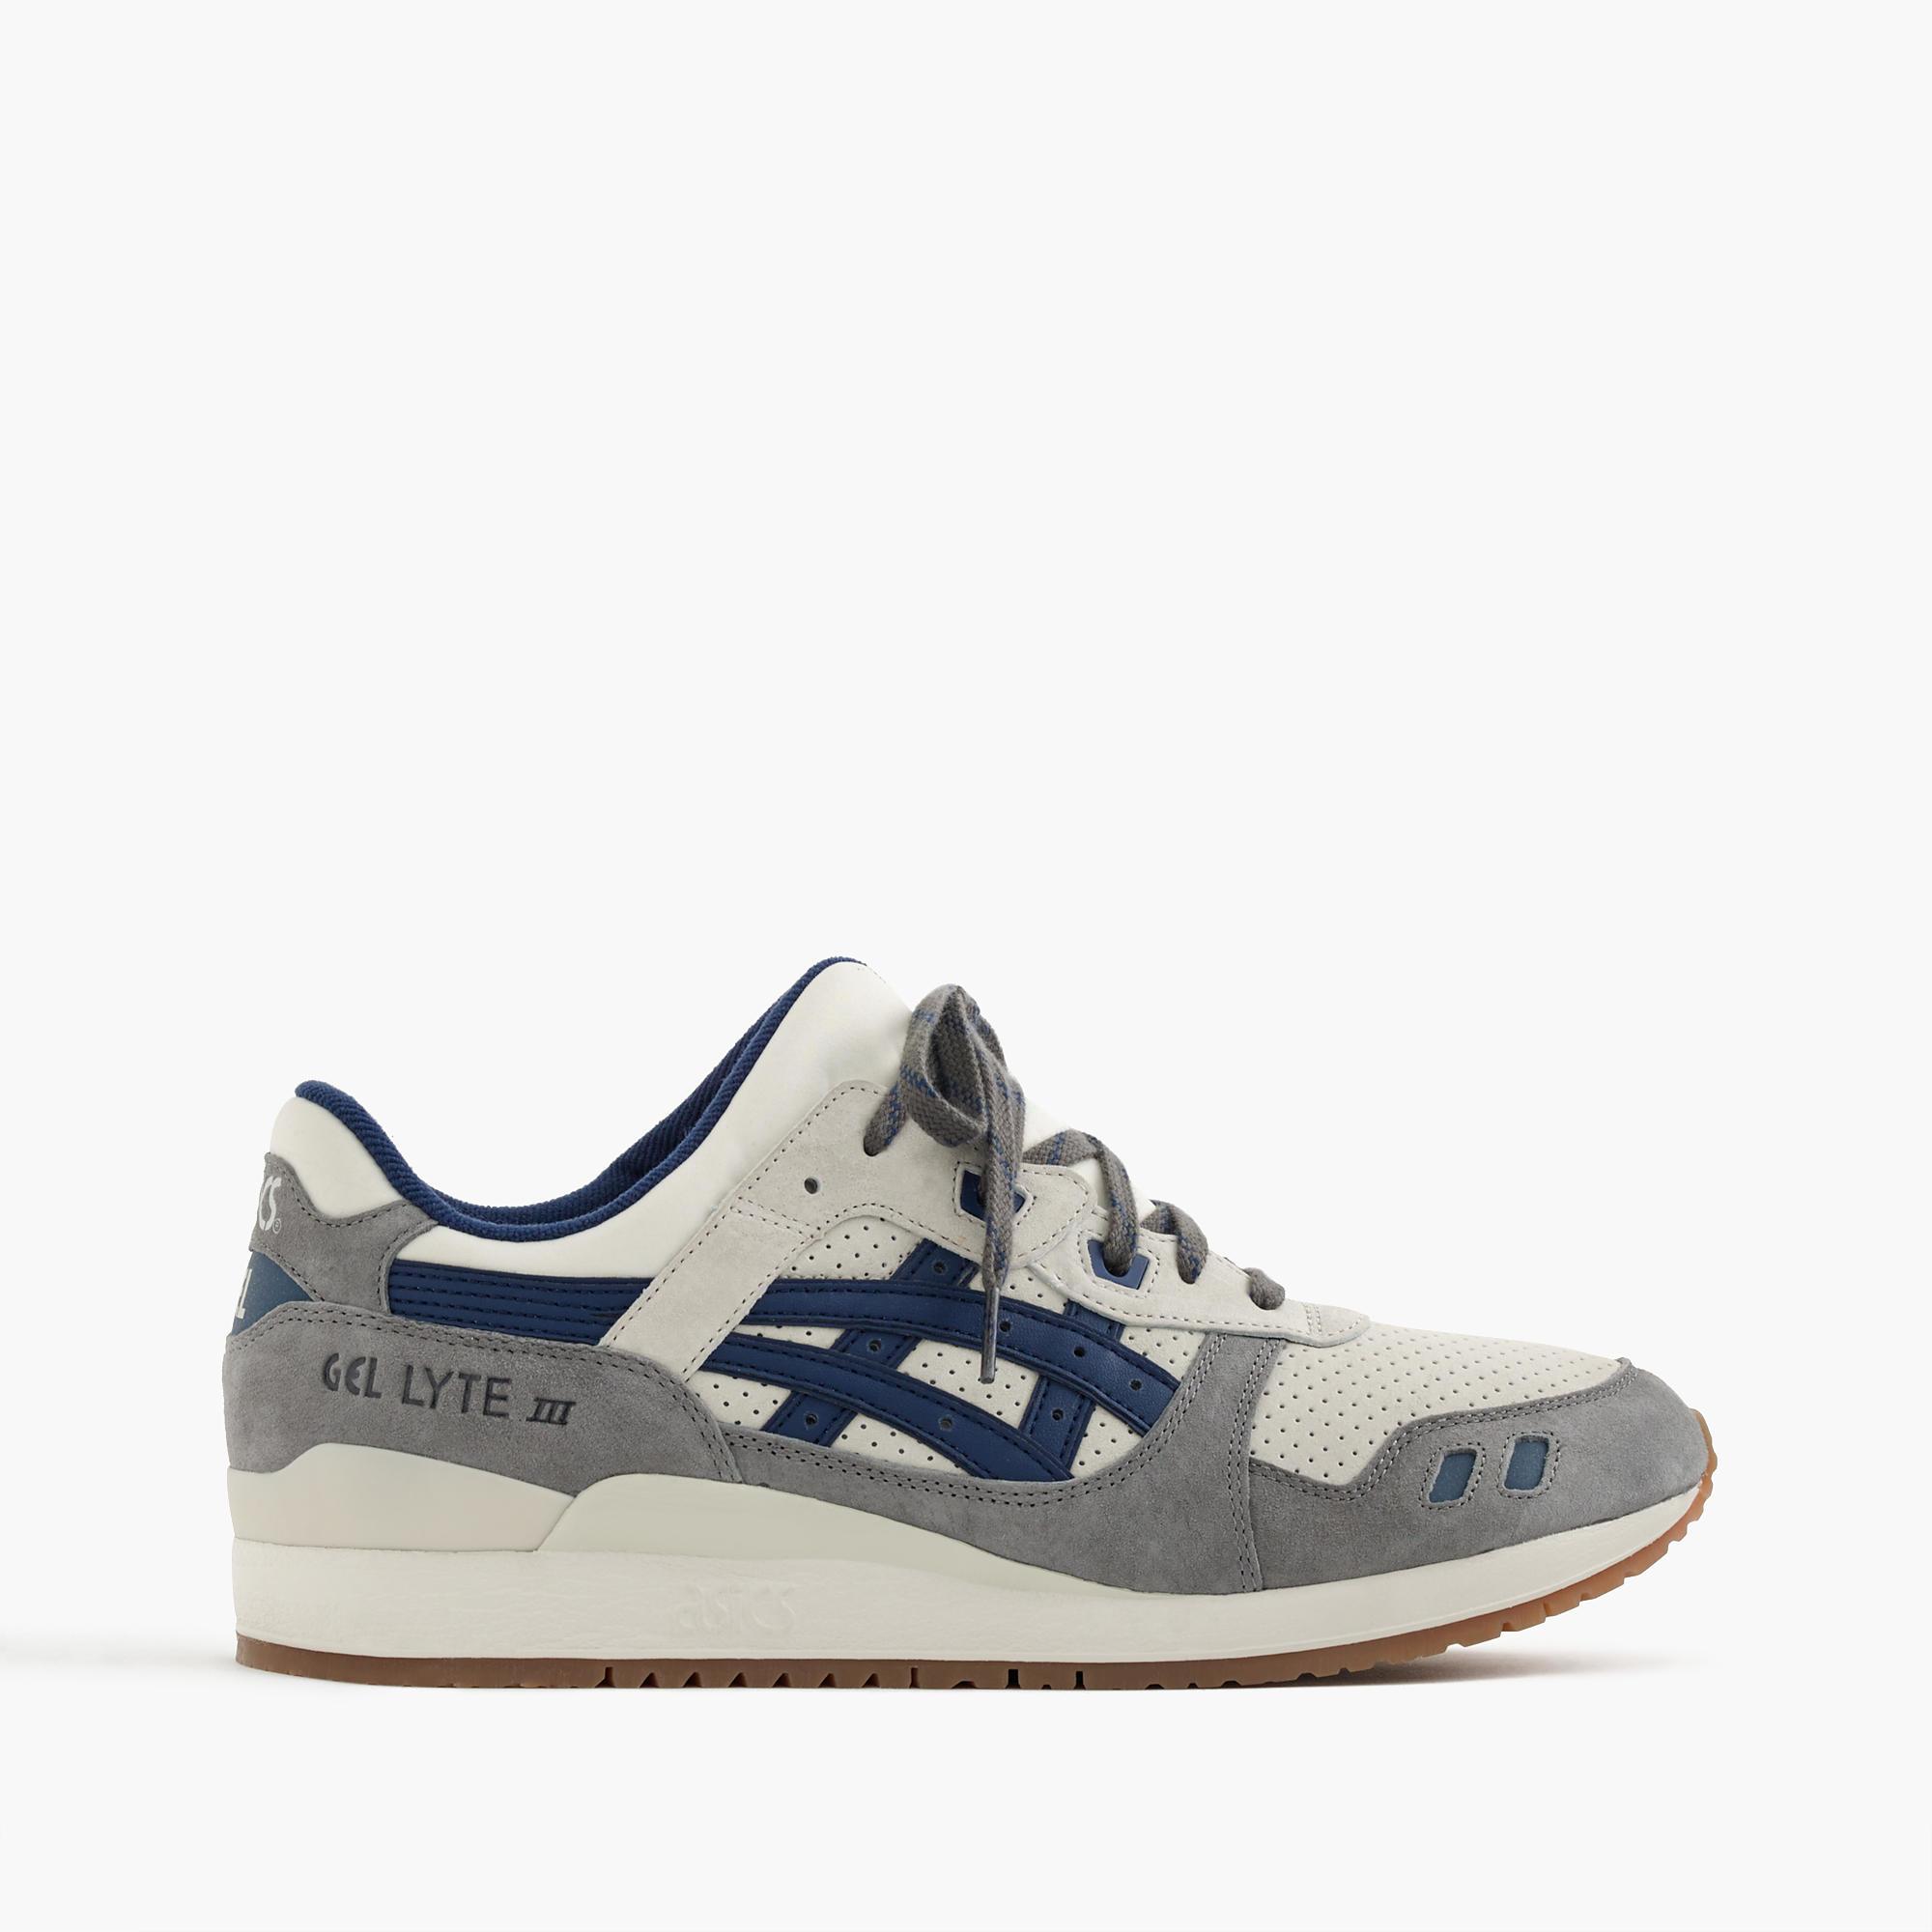 J Crew Asics Gel Lyte Iii Sneakers In Brown For Men Lyst